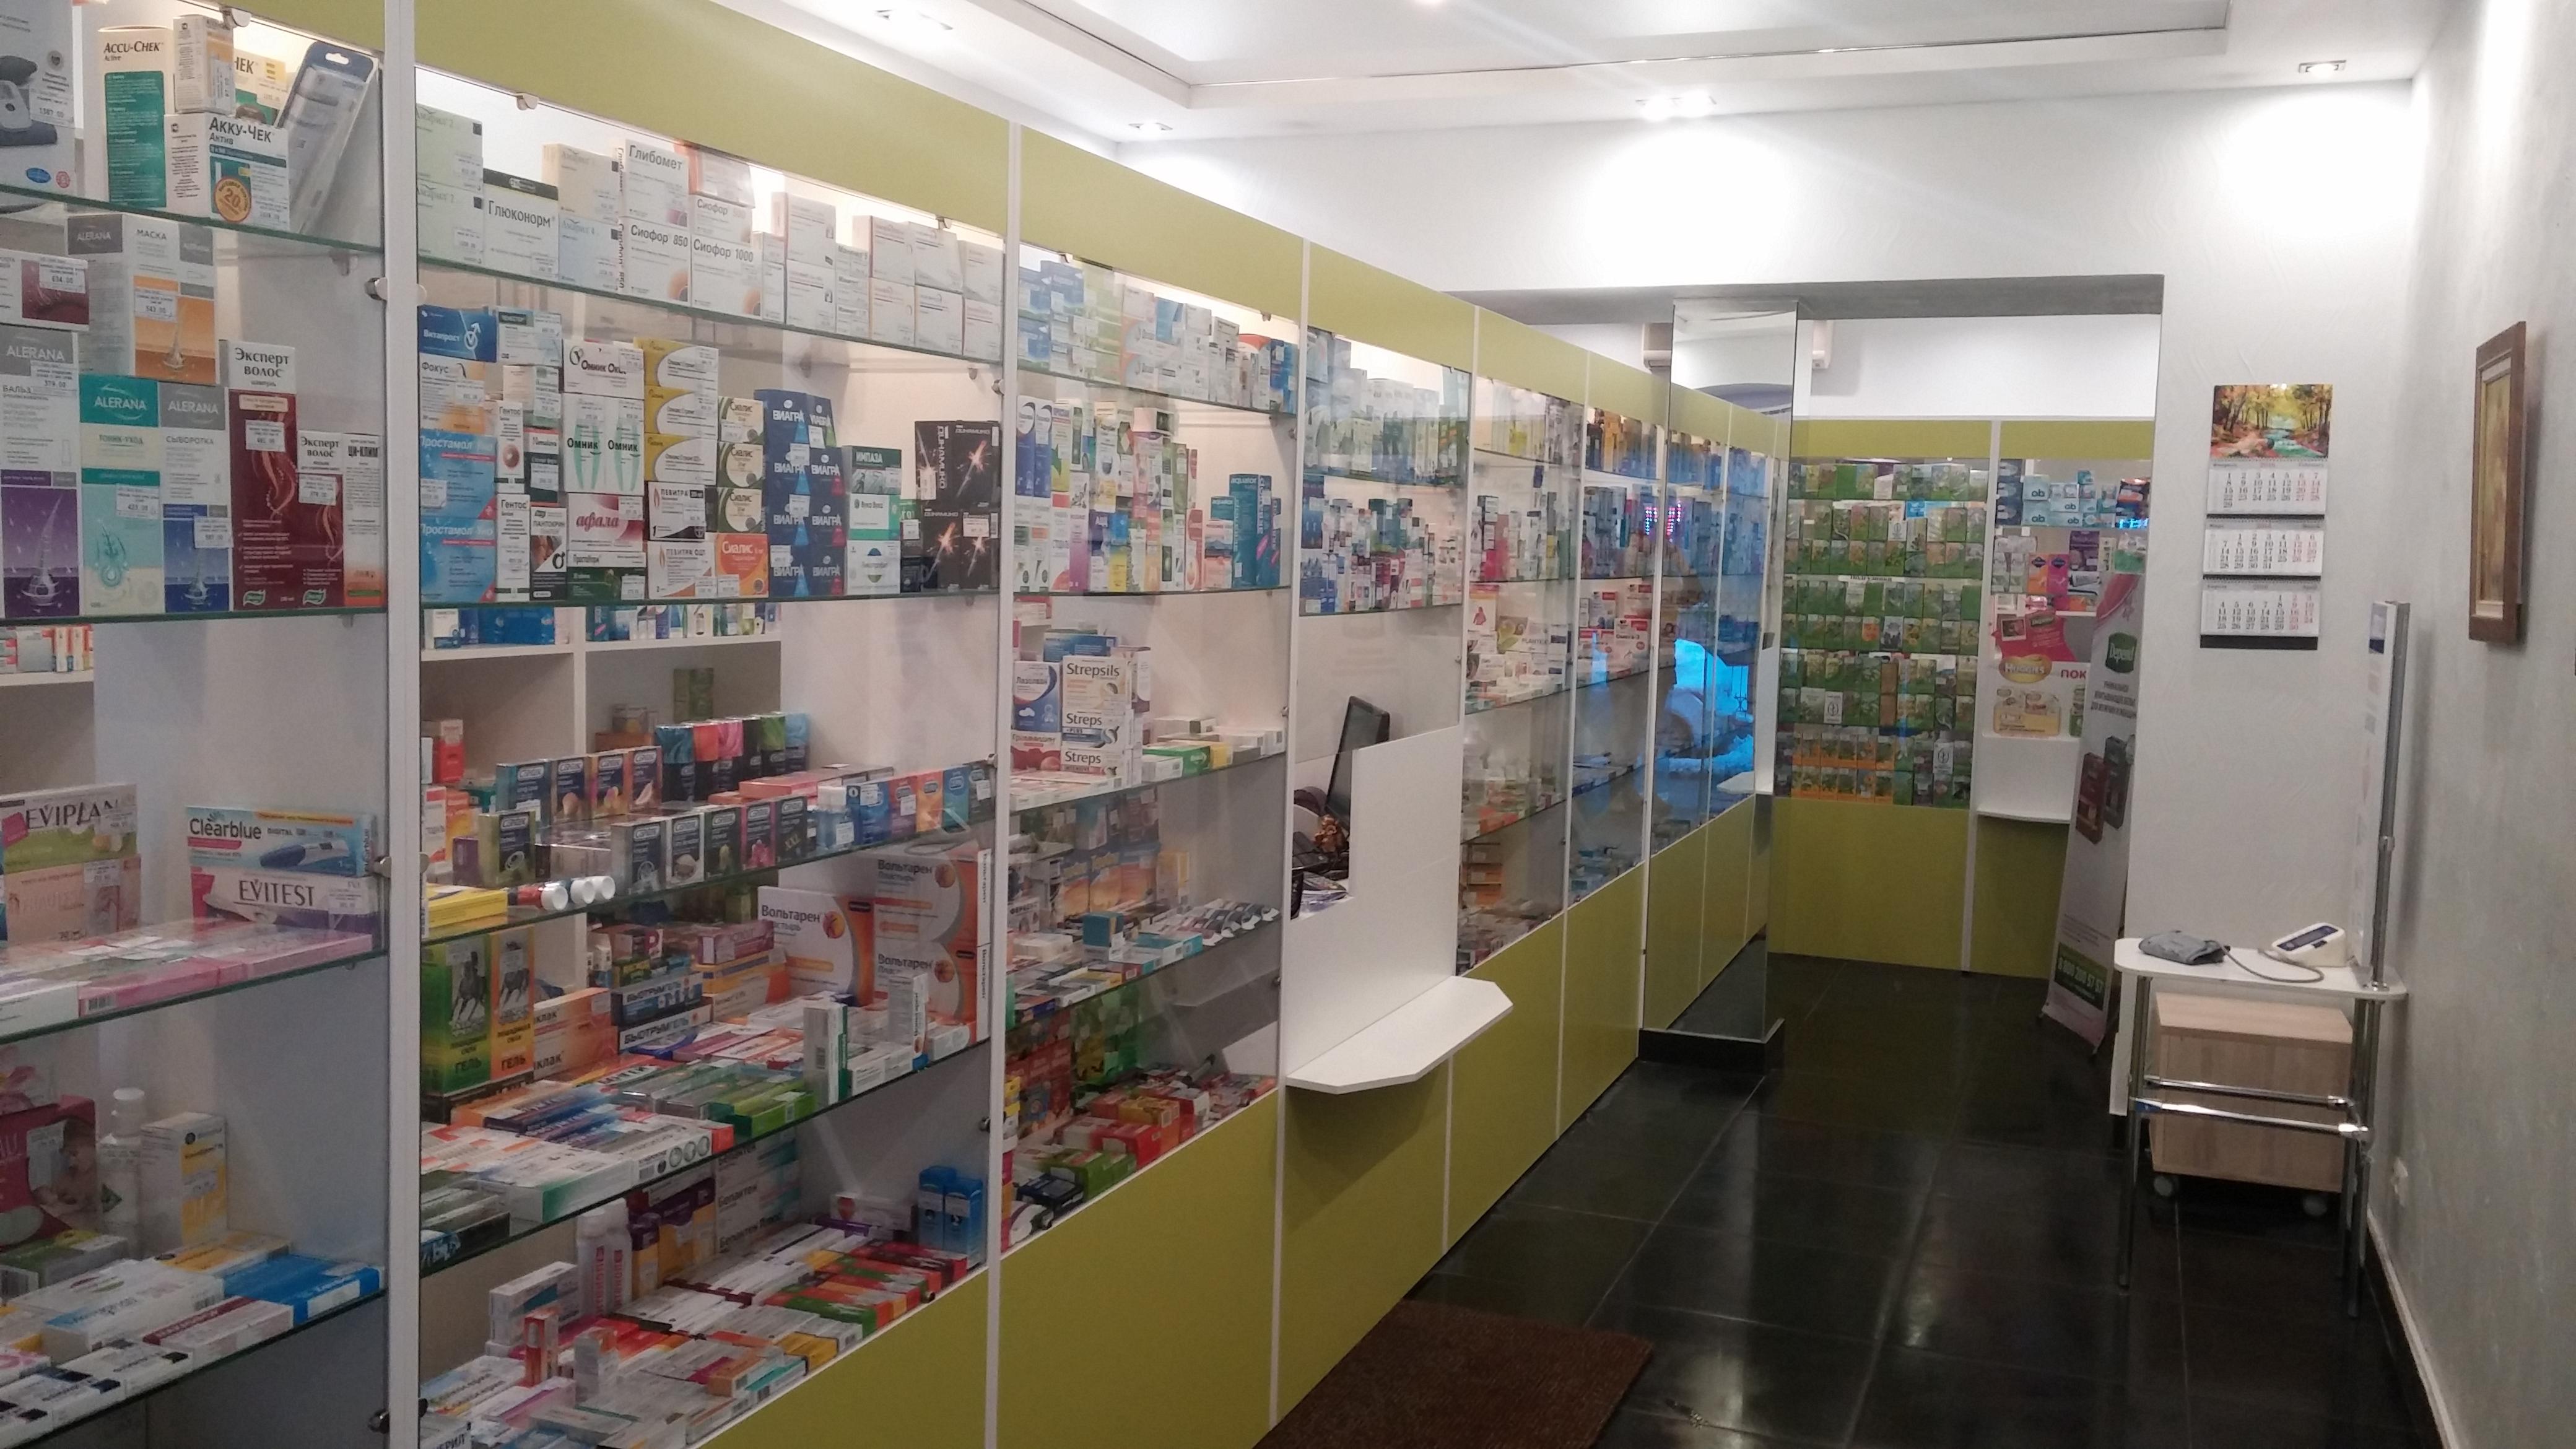 Можайское шоссе 14 клиническая больница